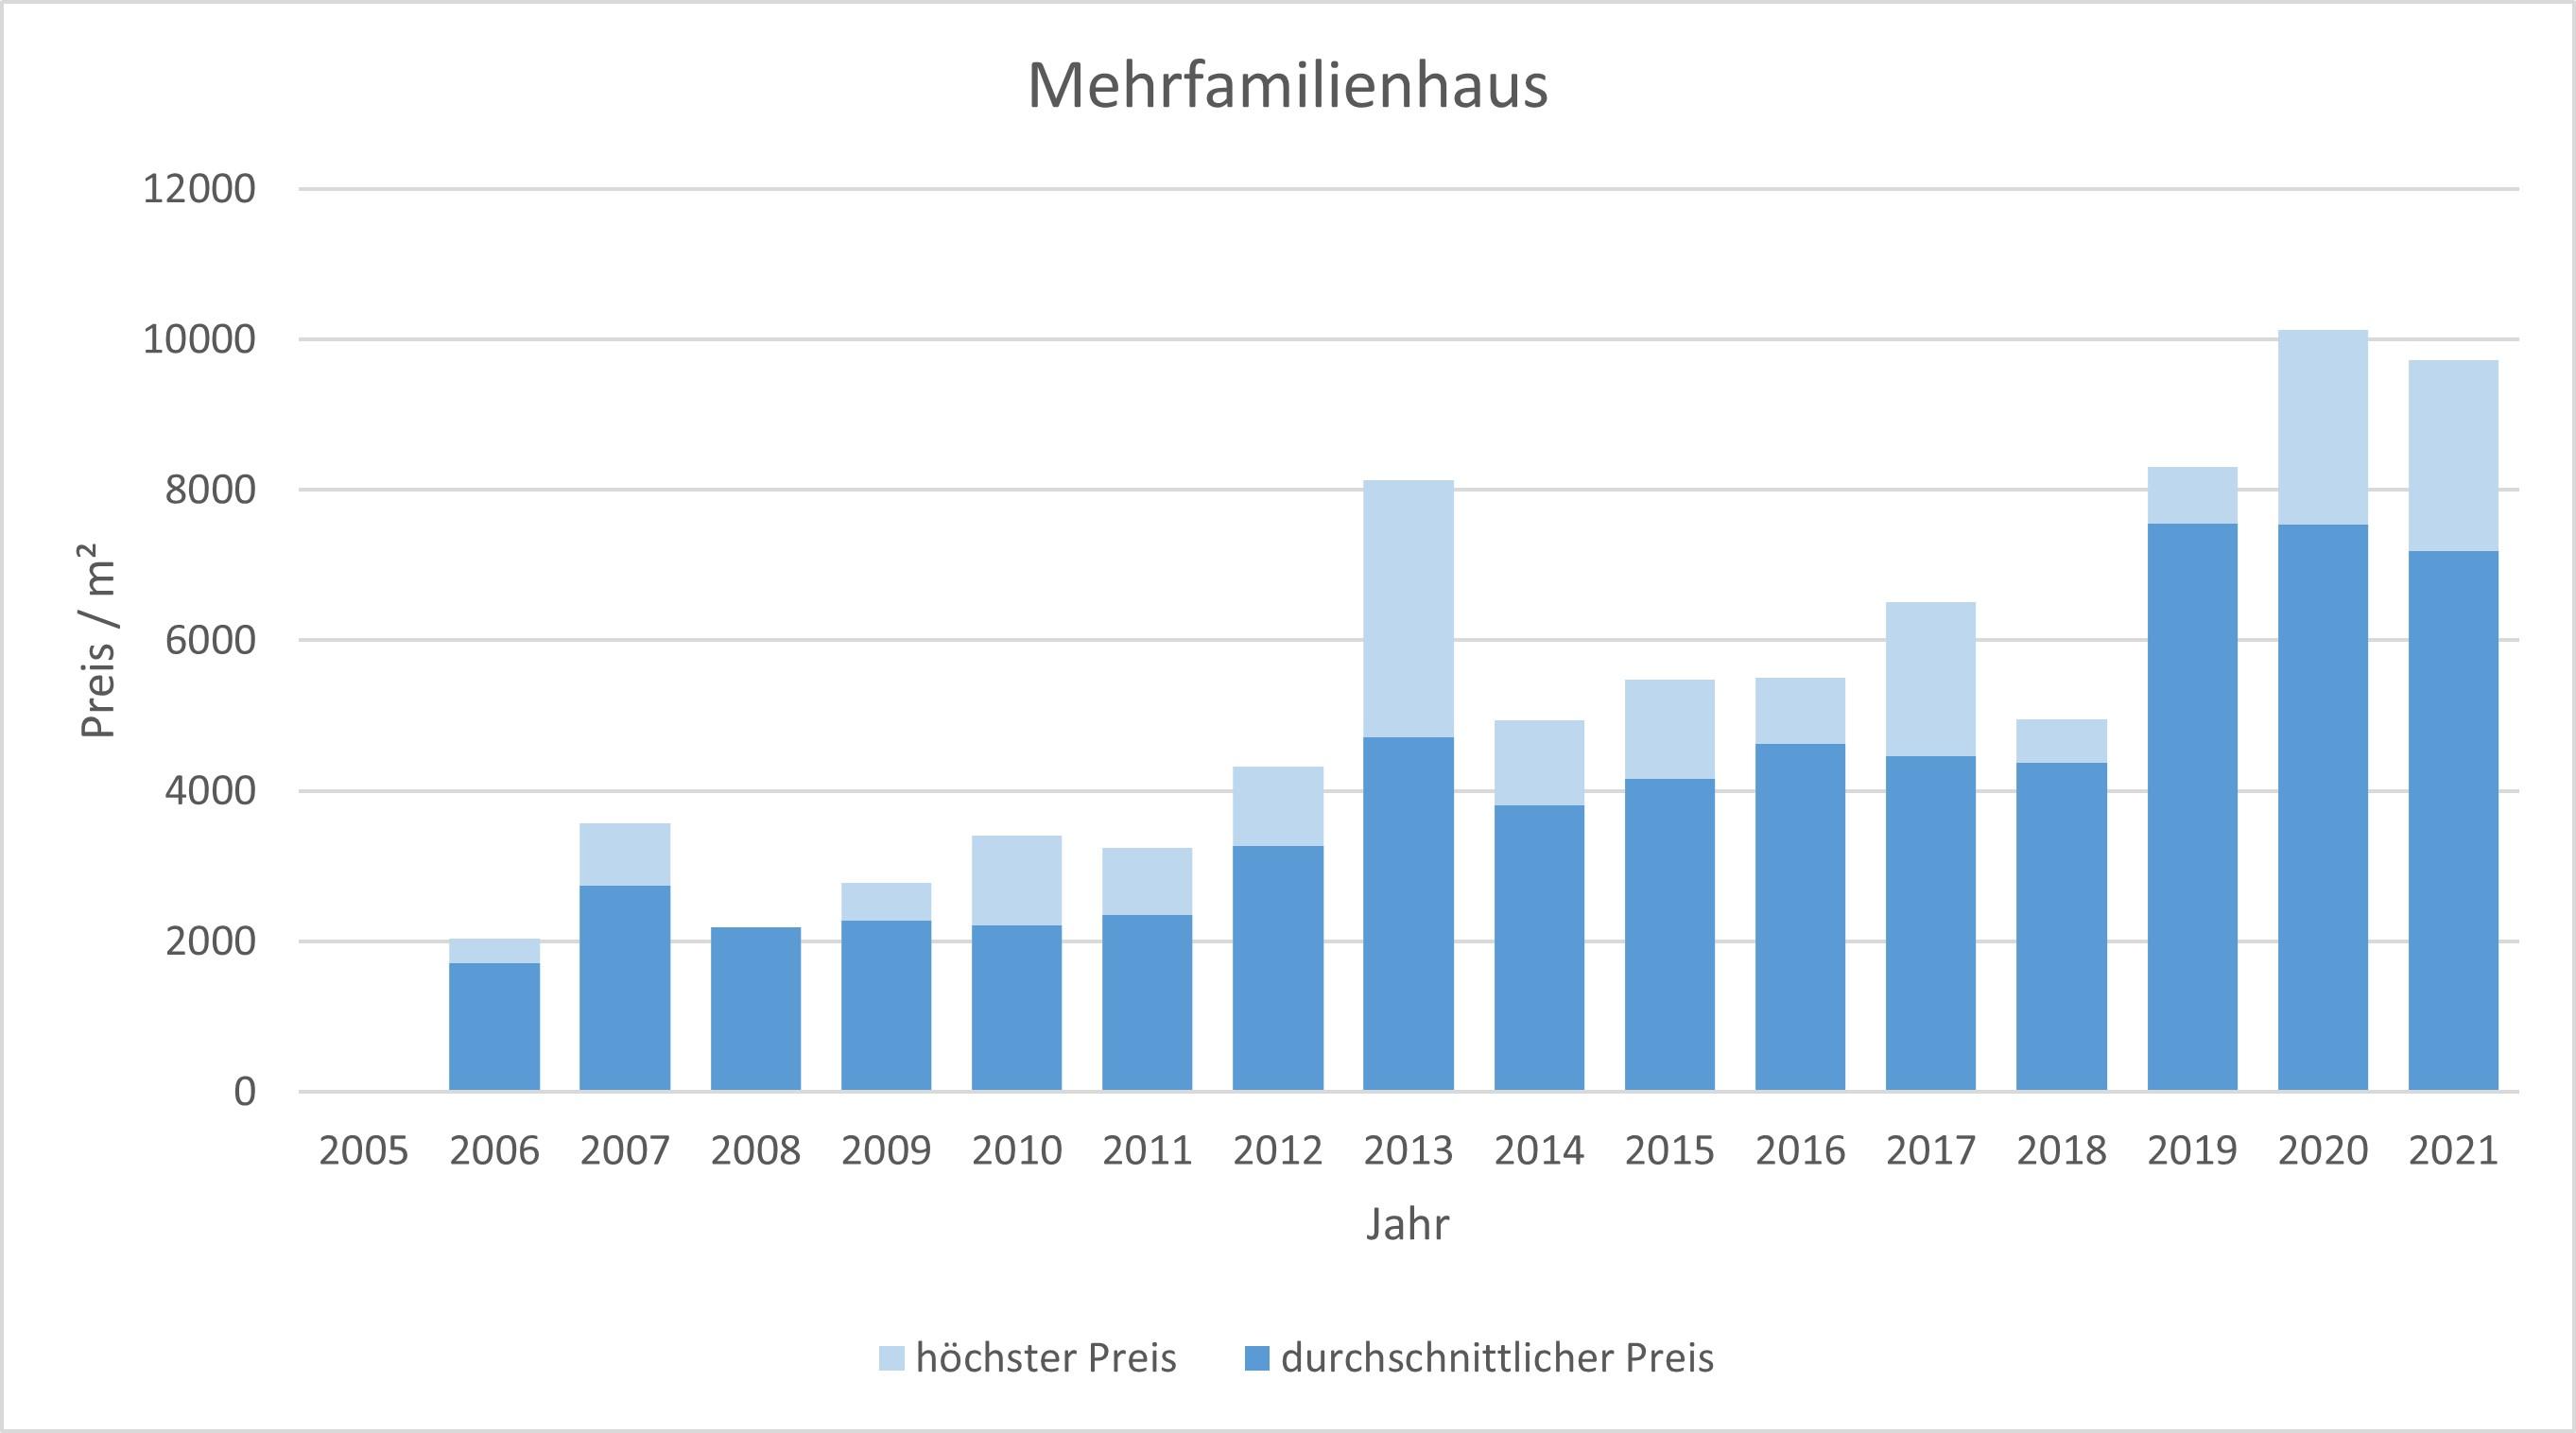 Oberschleißheim Mehrfamilienhaus kaufen verkaufen Preis Bewertung Makler 2019 2020 2021 www.happy-immo.de